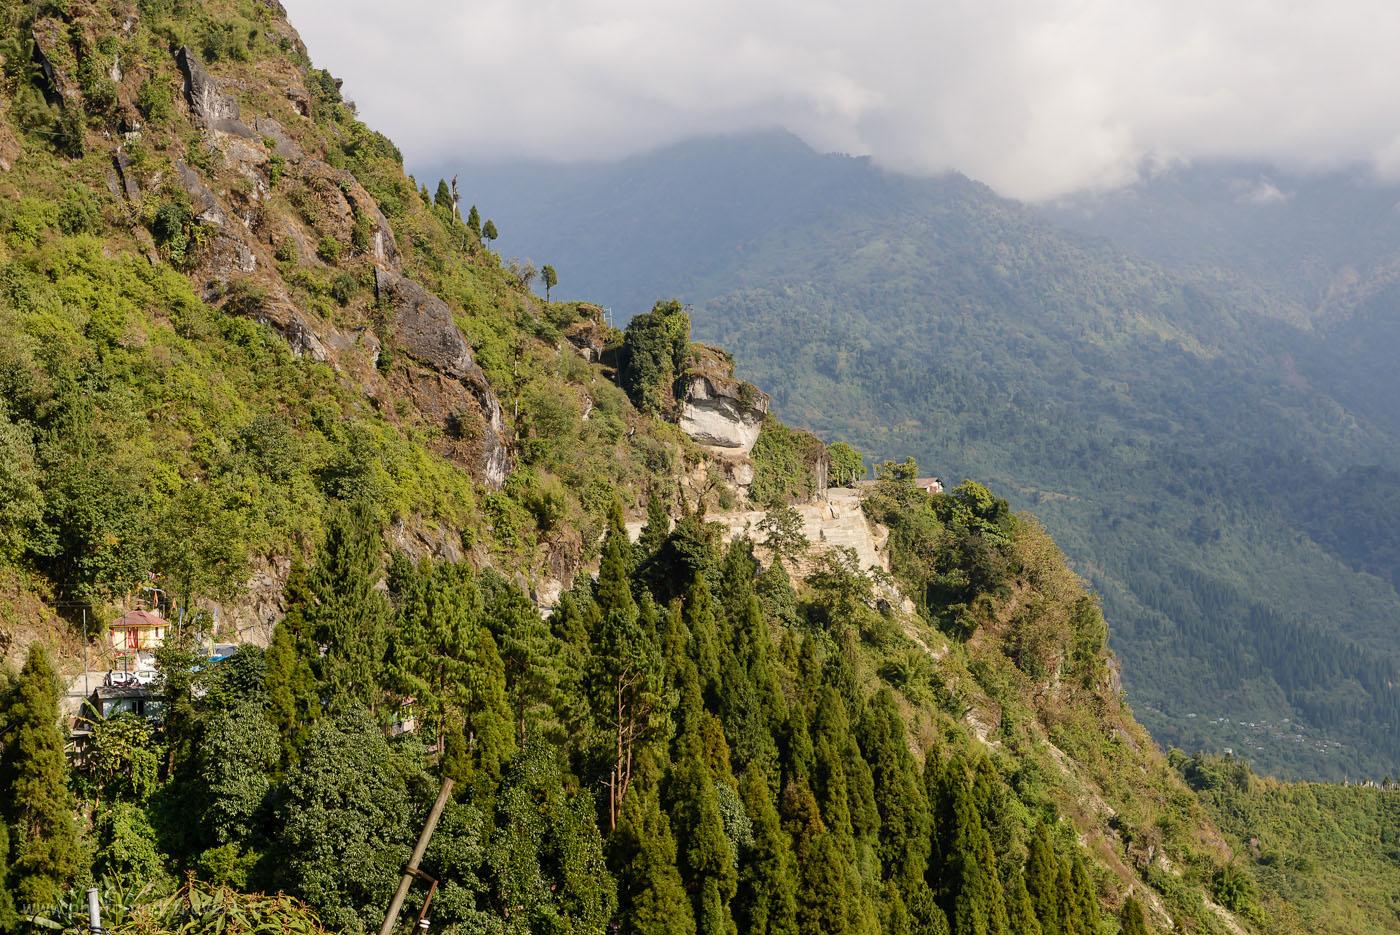 29. По таким серпантинам в Гималаях нам предстоит трястись почти 20 часов, чтобы увидеть долину Юмтханг Уолей и Зеро Поинт. 9.0, 1/125, 200, 70.